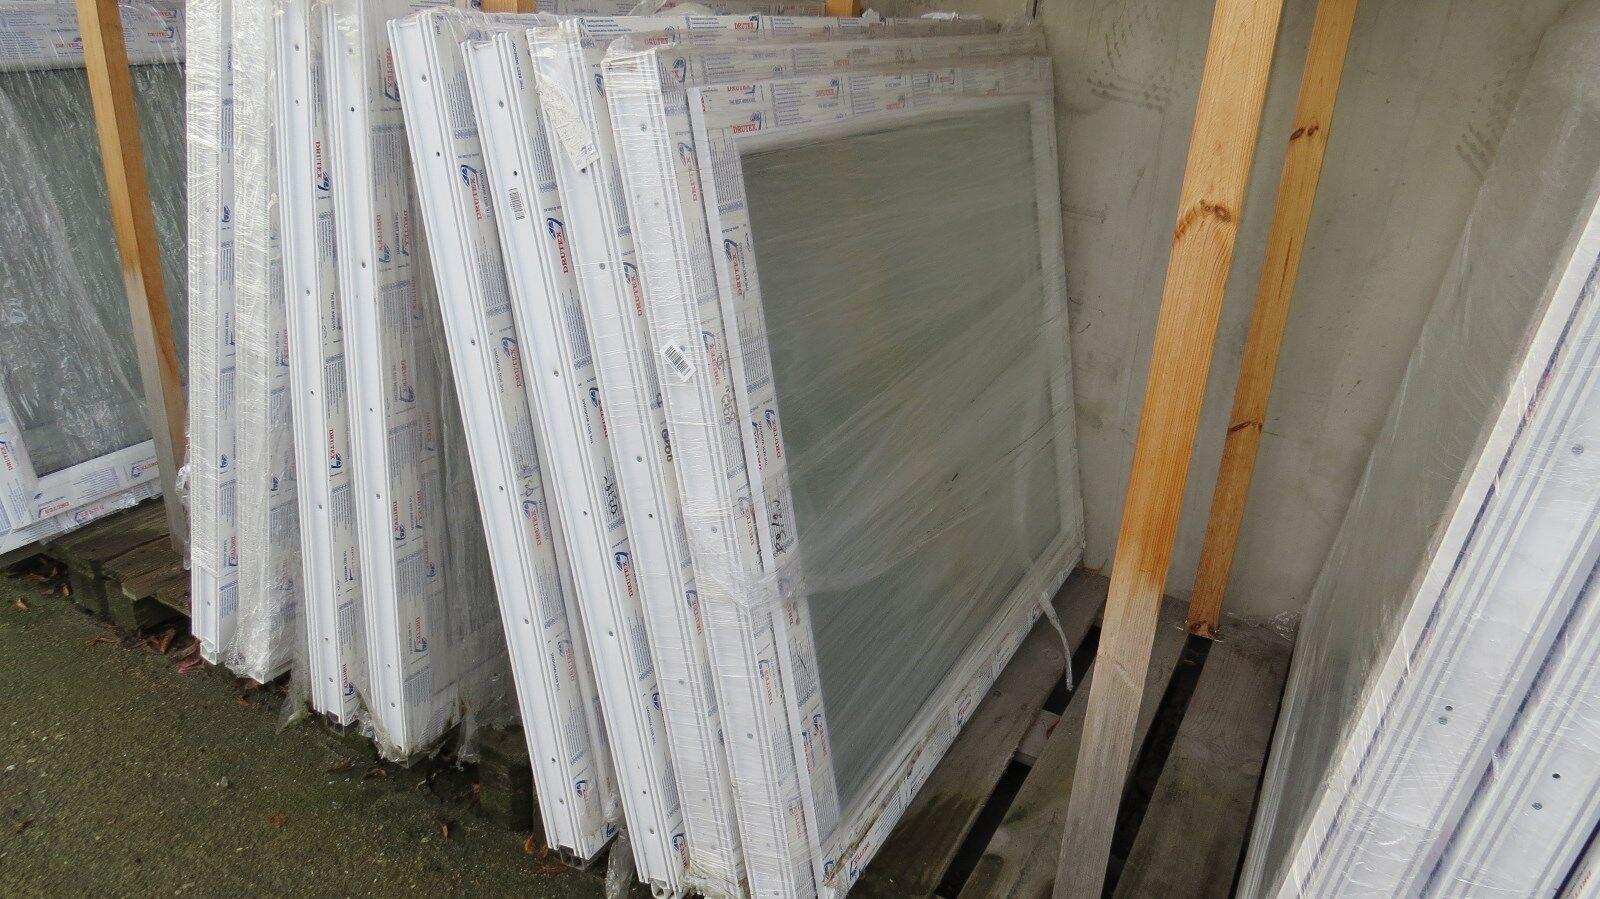 Kunststofffenster Fenster kaufen 800 mm breit Thermopen Thermopenverglasung